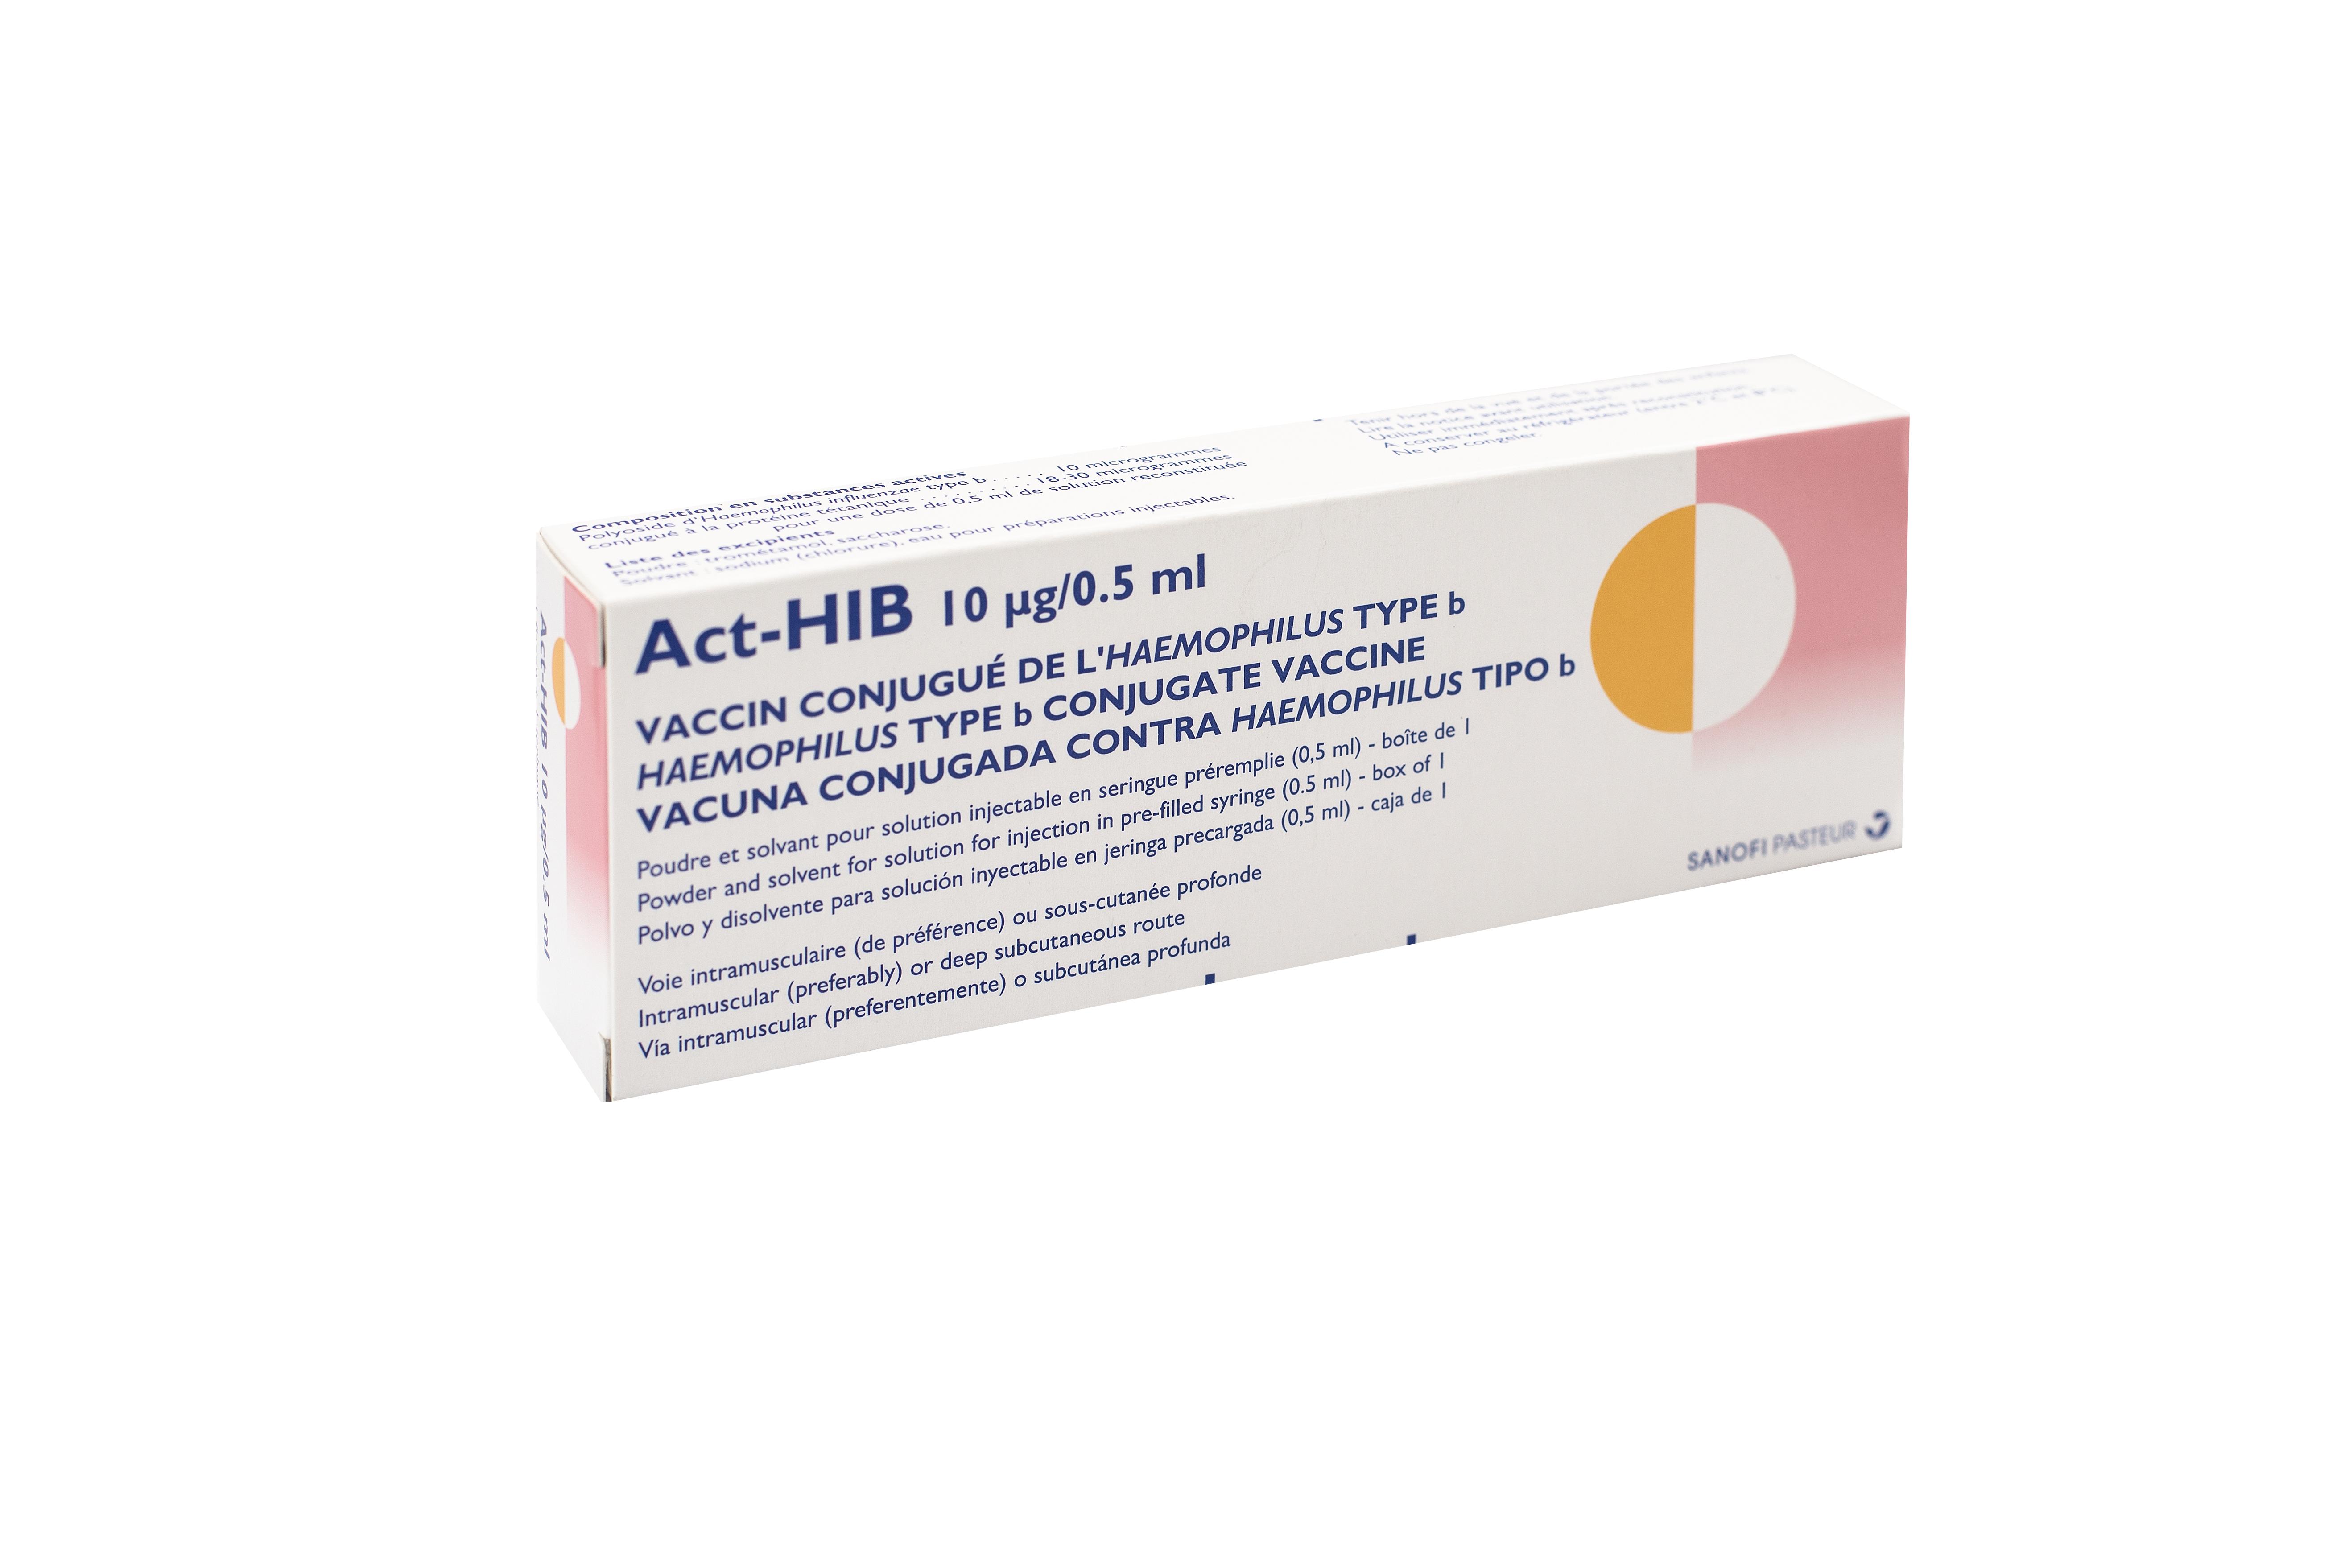 乙型流感嗜血桿菌 (Hib) 疫苗